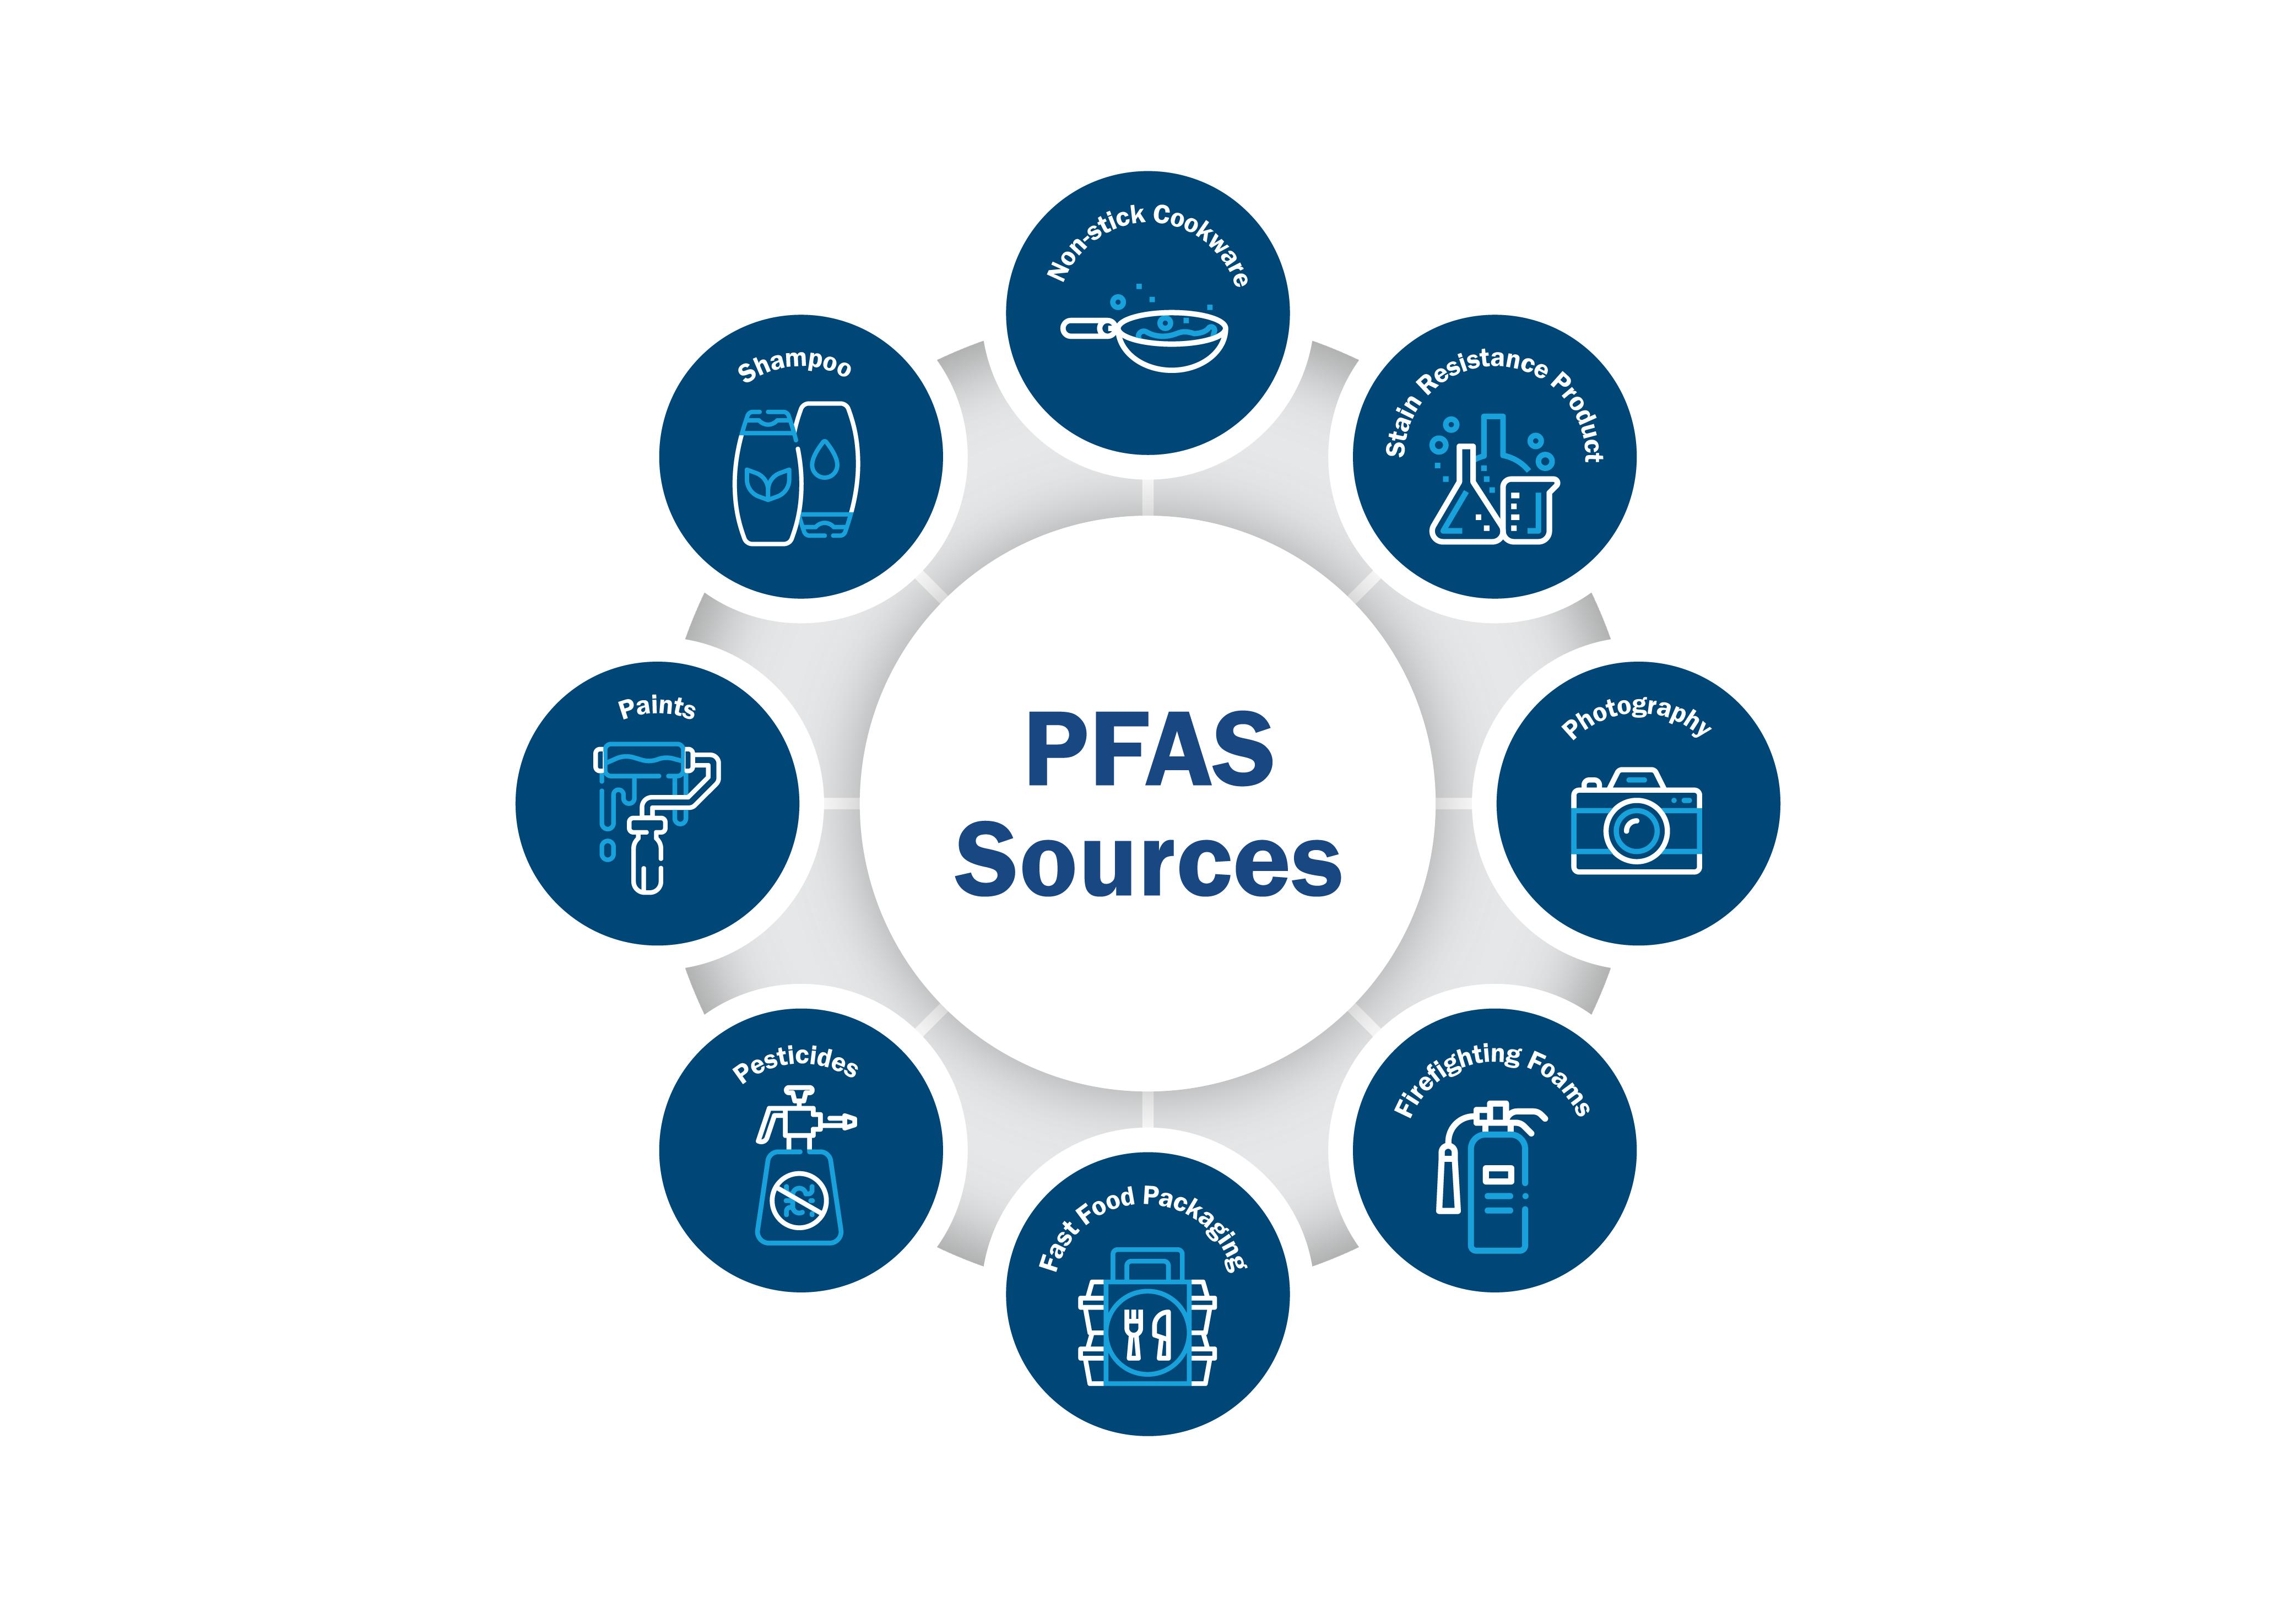 PFAS substance sources